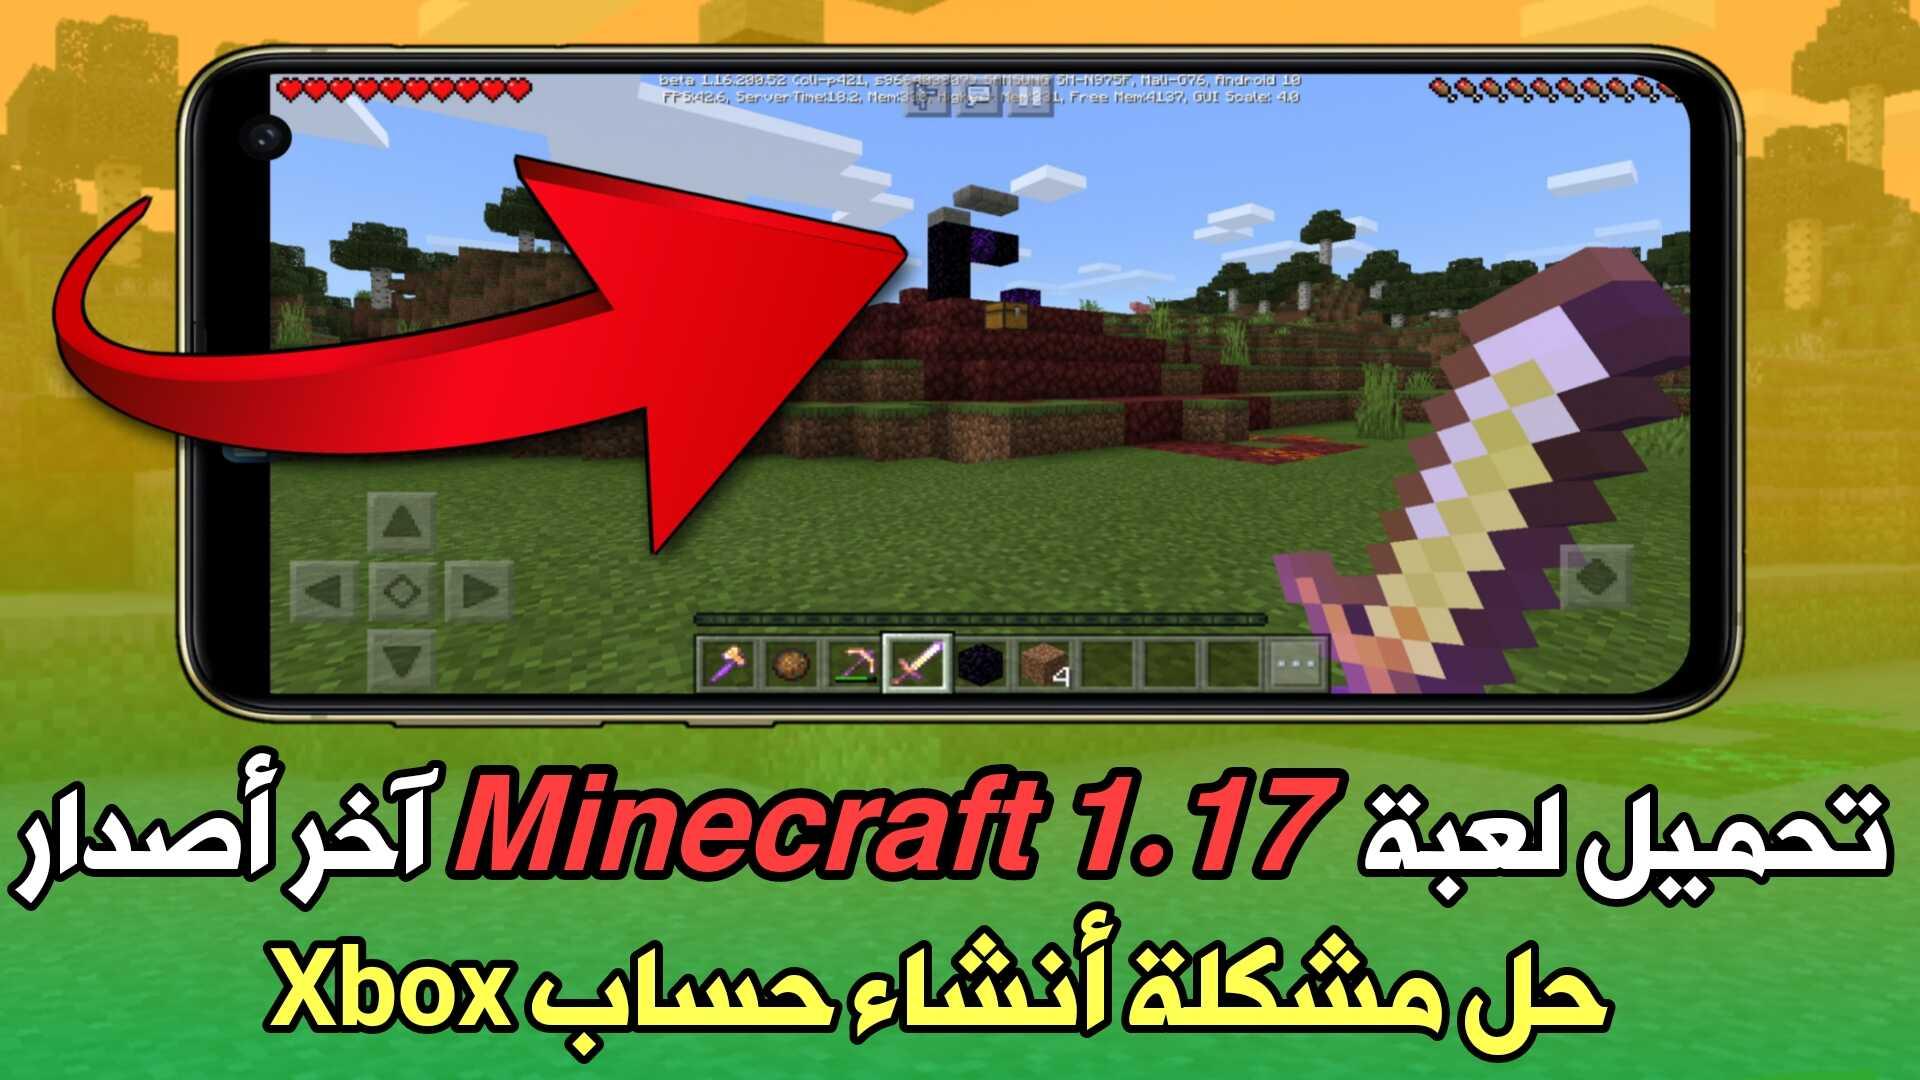 تحميل لعبة Minecraft 1.17 آخر أصدار وحل مشكلة أنشاء حساب Xbox